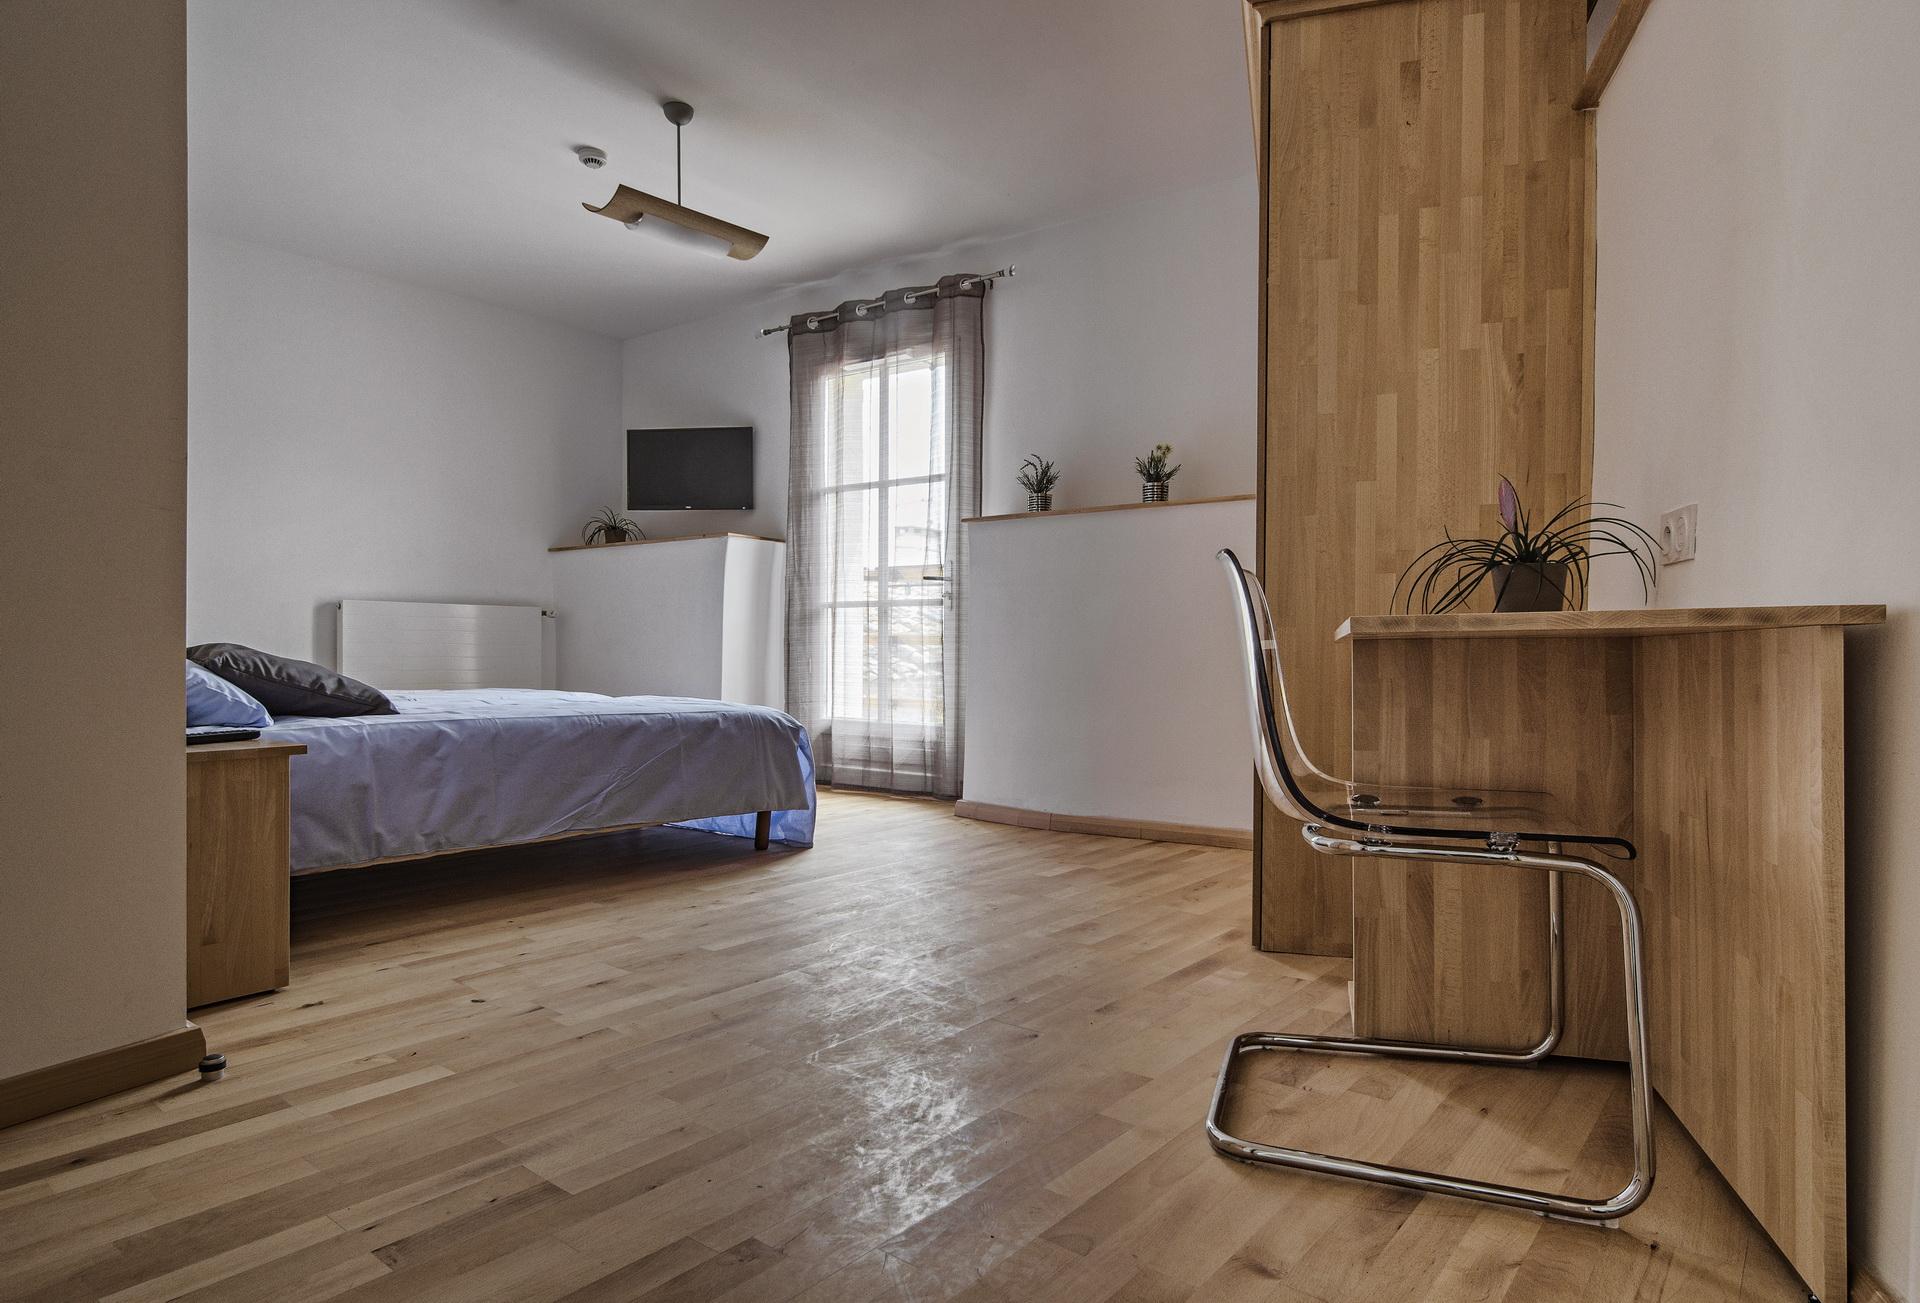 h tel saint michel l 39 observatoire en provence pr s de forcalquier. Black Bedroom Furniture Sets. Home Design Ideas